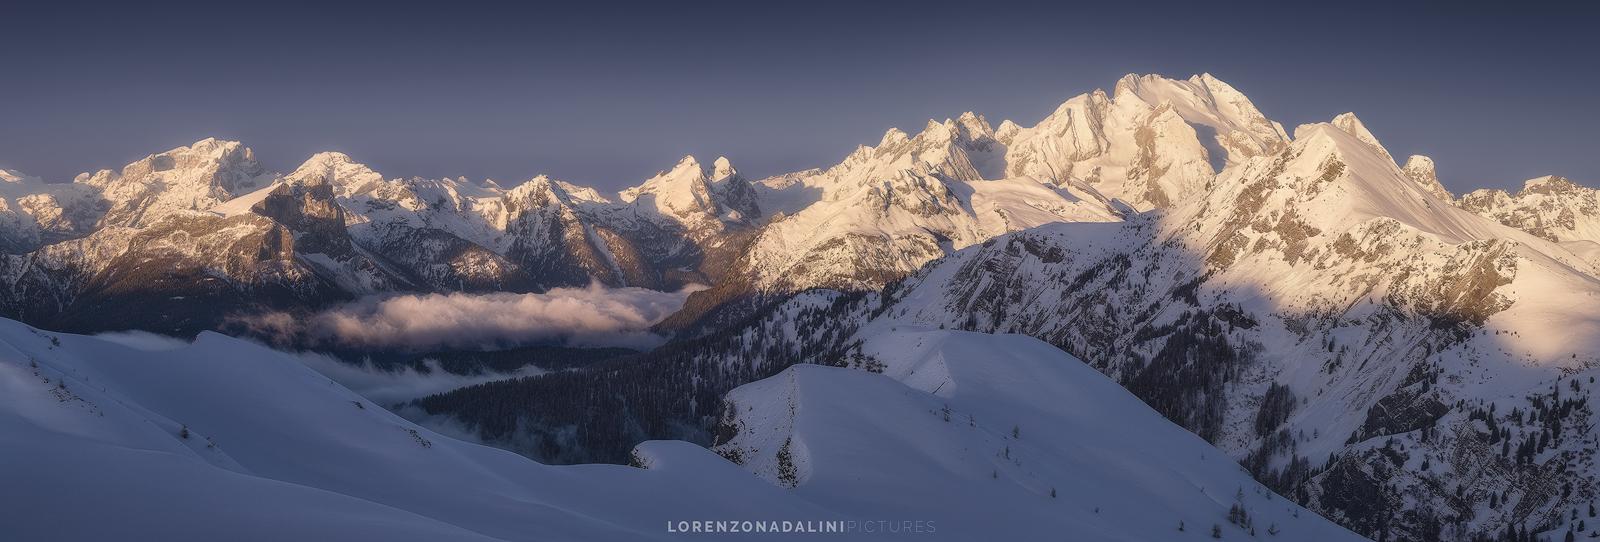 Lorenzo-Nadalini-workshop-Dolomiti-6